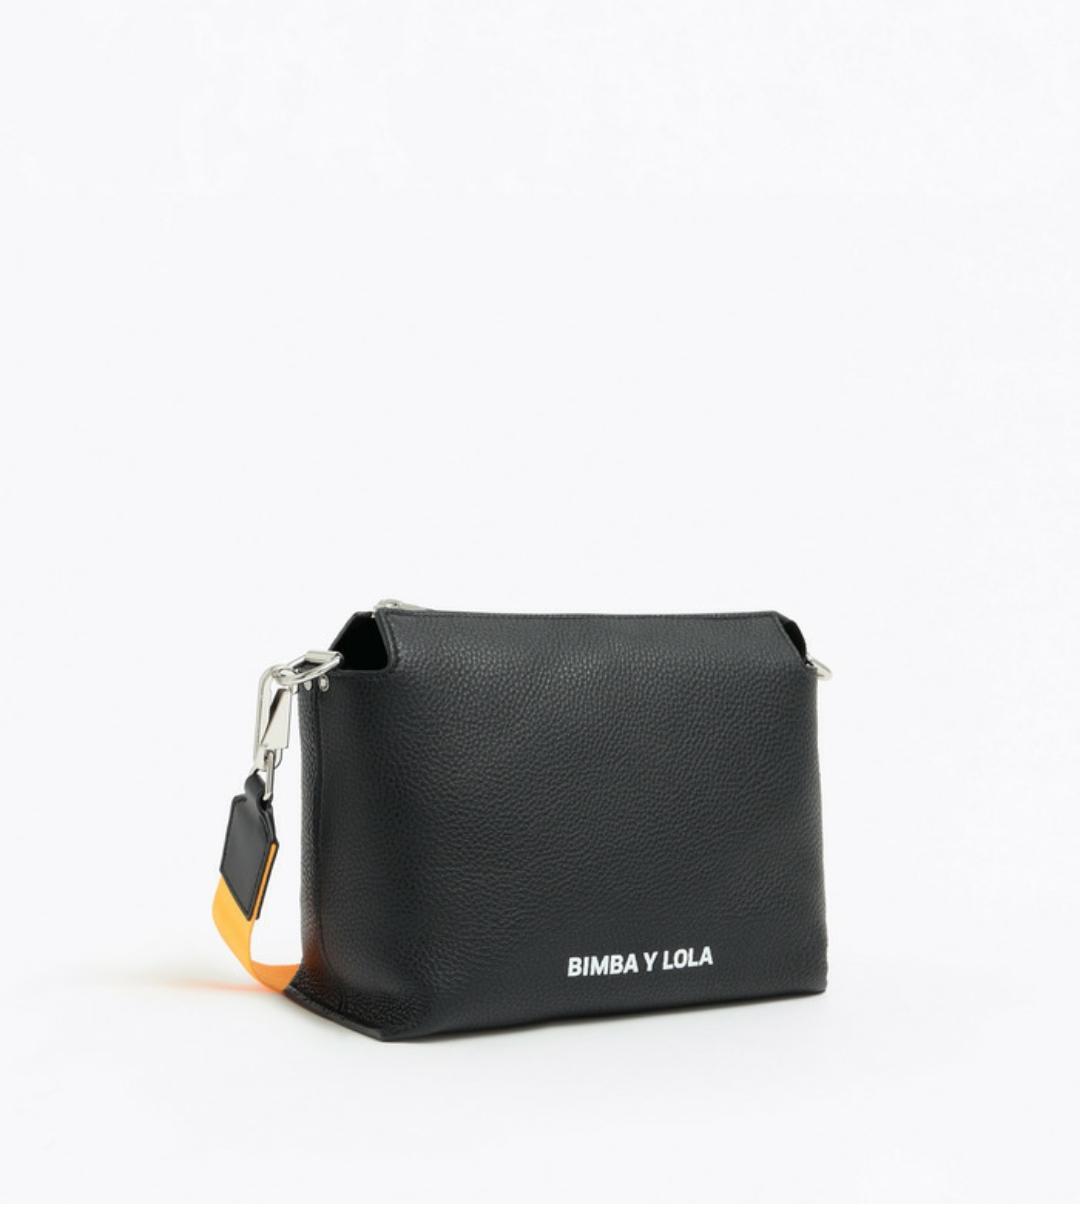 Bolso bandolera de piel en color negro de Canyon Collection. Tamaño grande y asa de bandolera ajustable, de Bimba & Lola